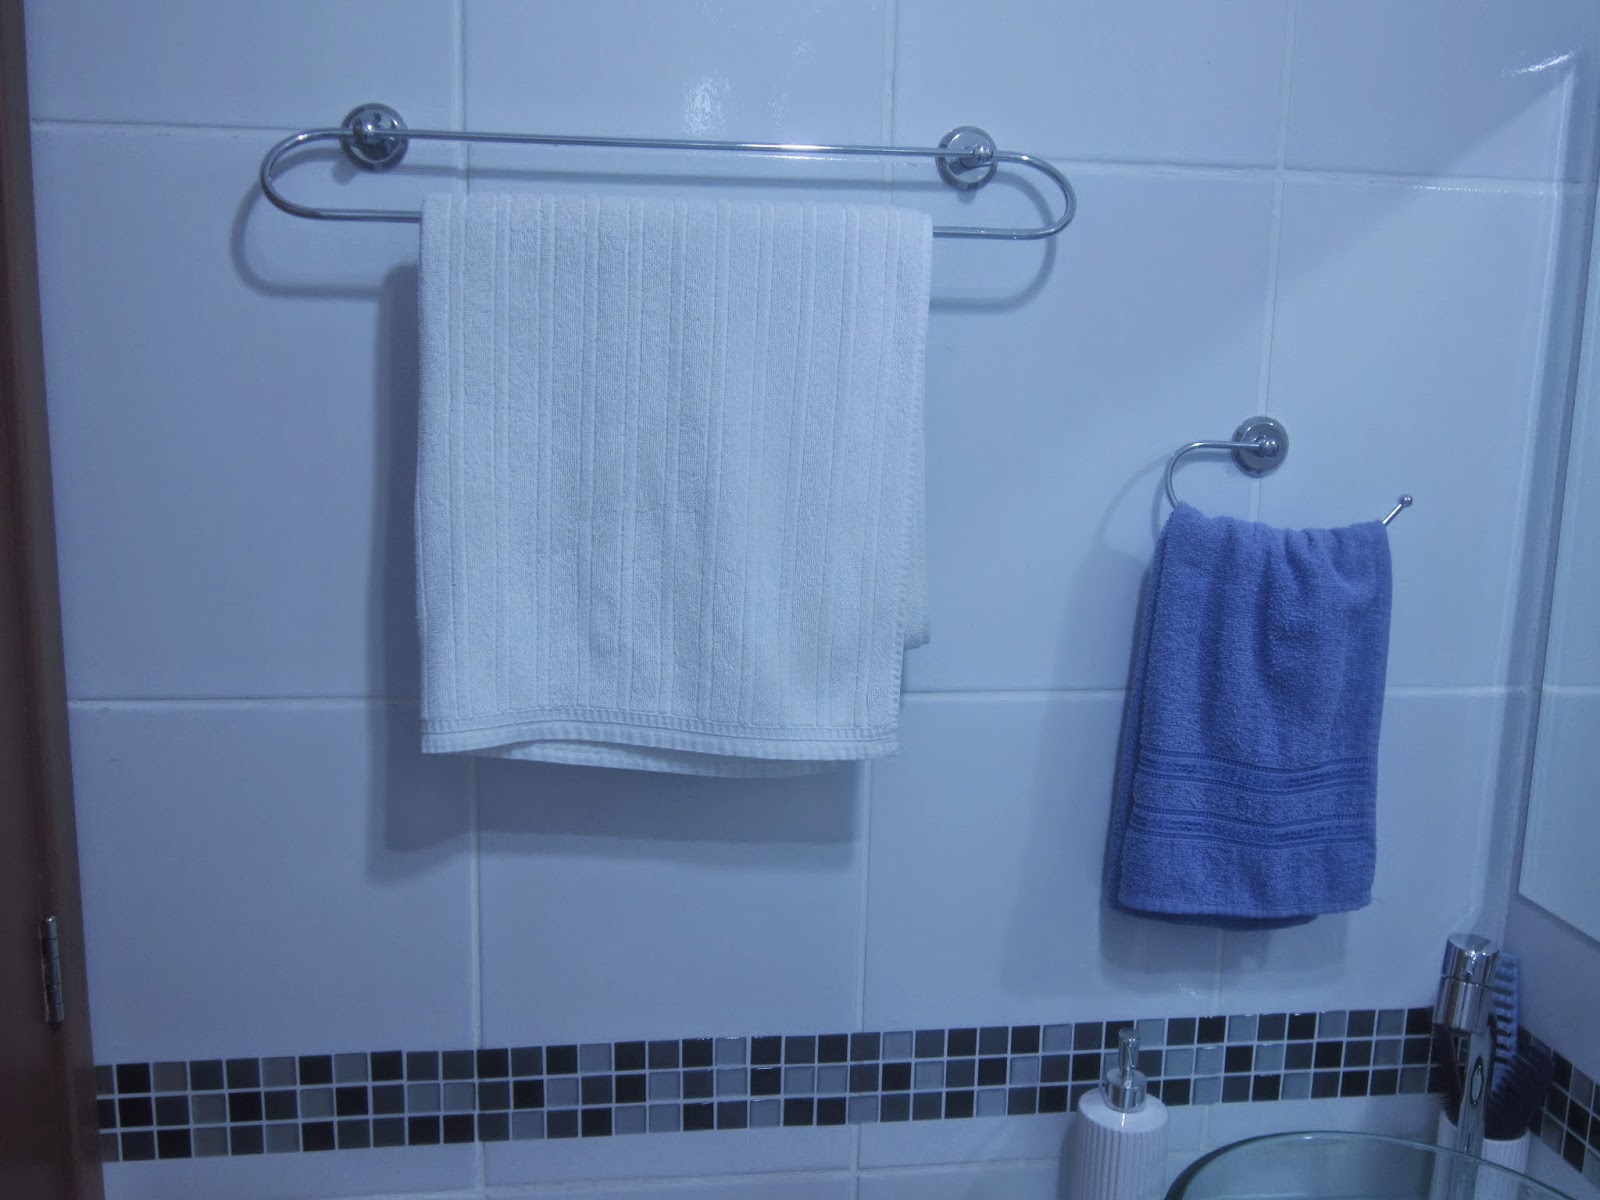 Imagens de #395892 Cafofo Sonhado: Decorando banheiros pequenos: 2 banheiros 2m² cada  1600x1200 px 3564 Bbb No Banheiro 2014